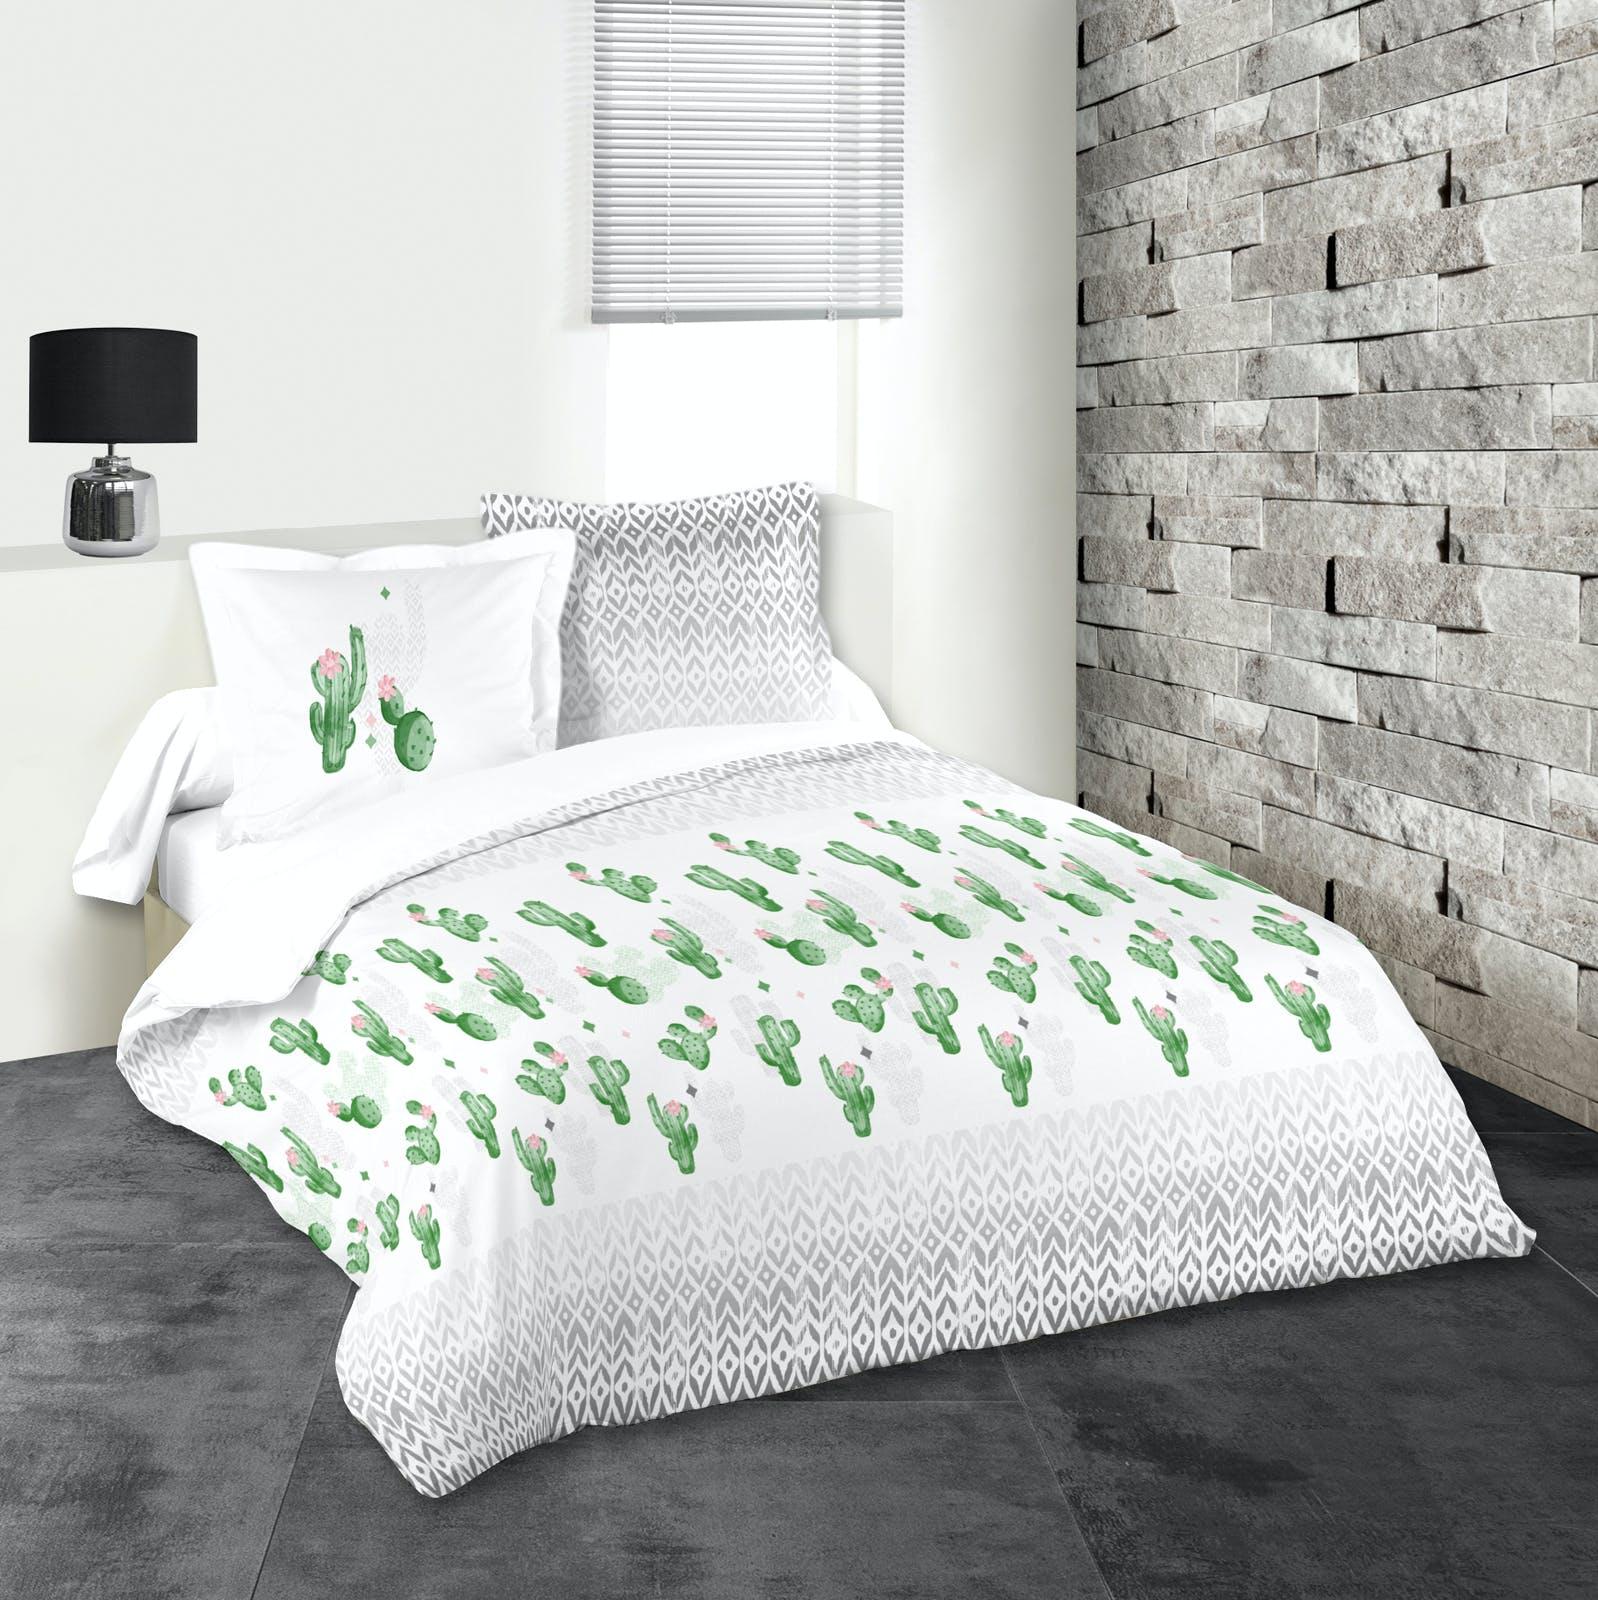 Parure de lit motifs cactus 240x220cm housse de couette + 2 taies 63x63cm DUOMA